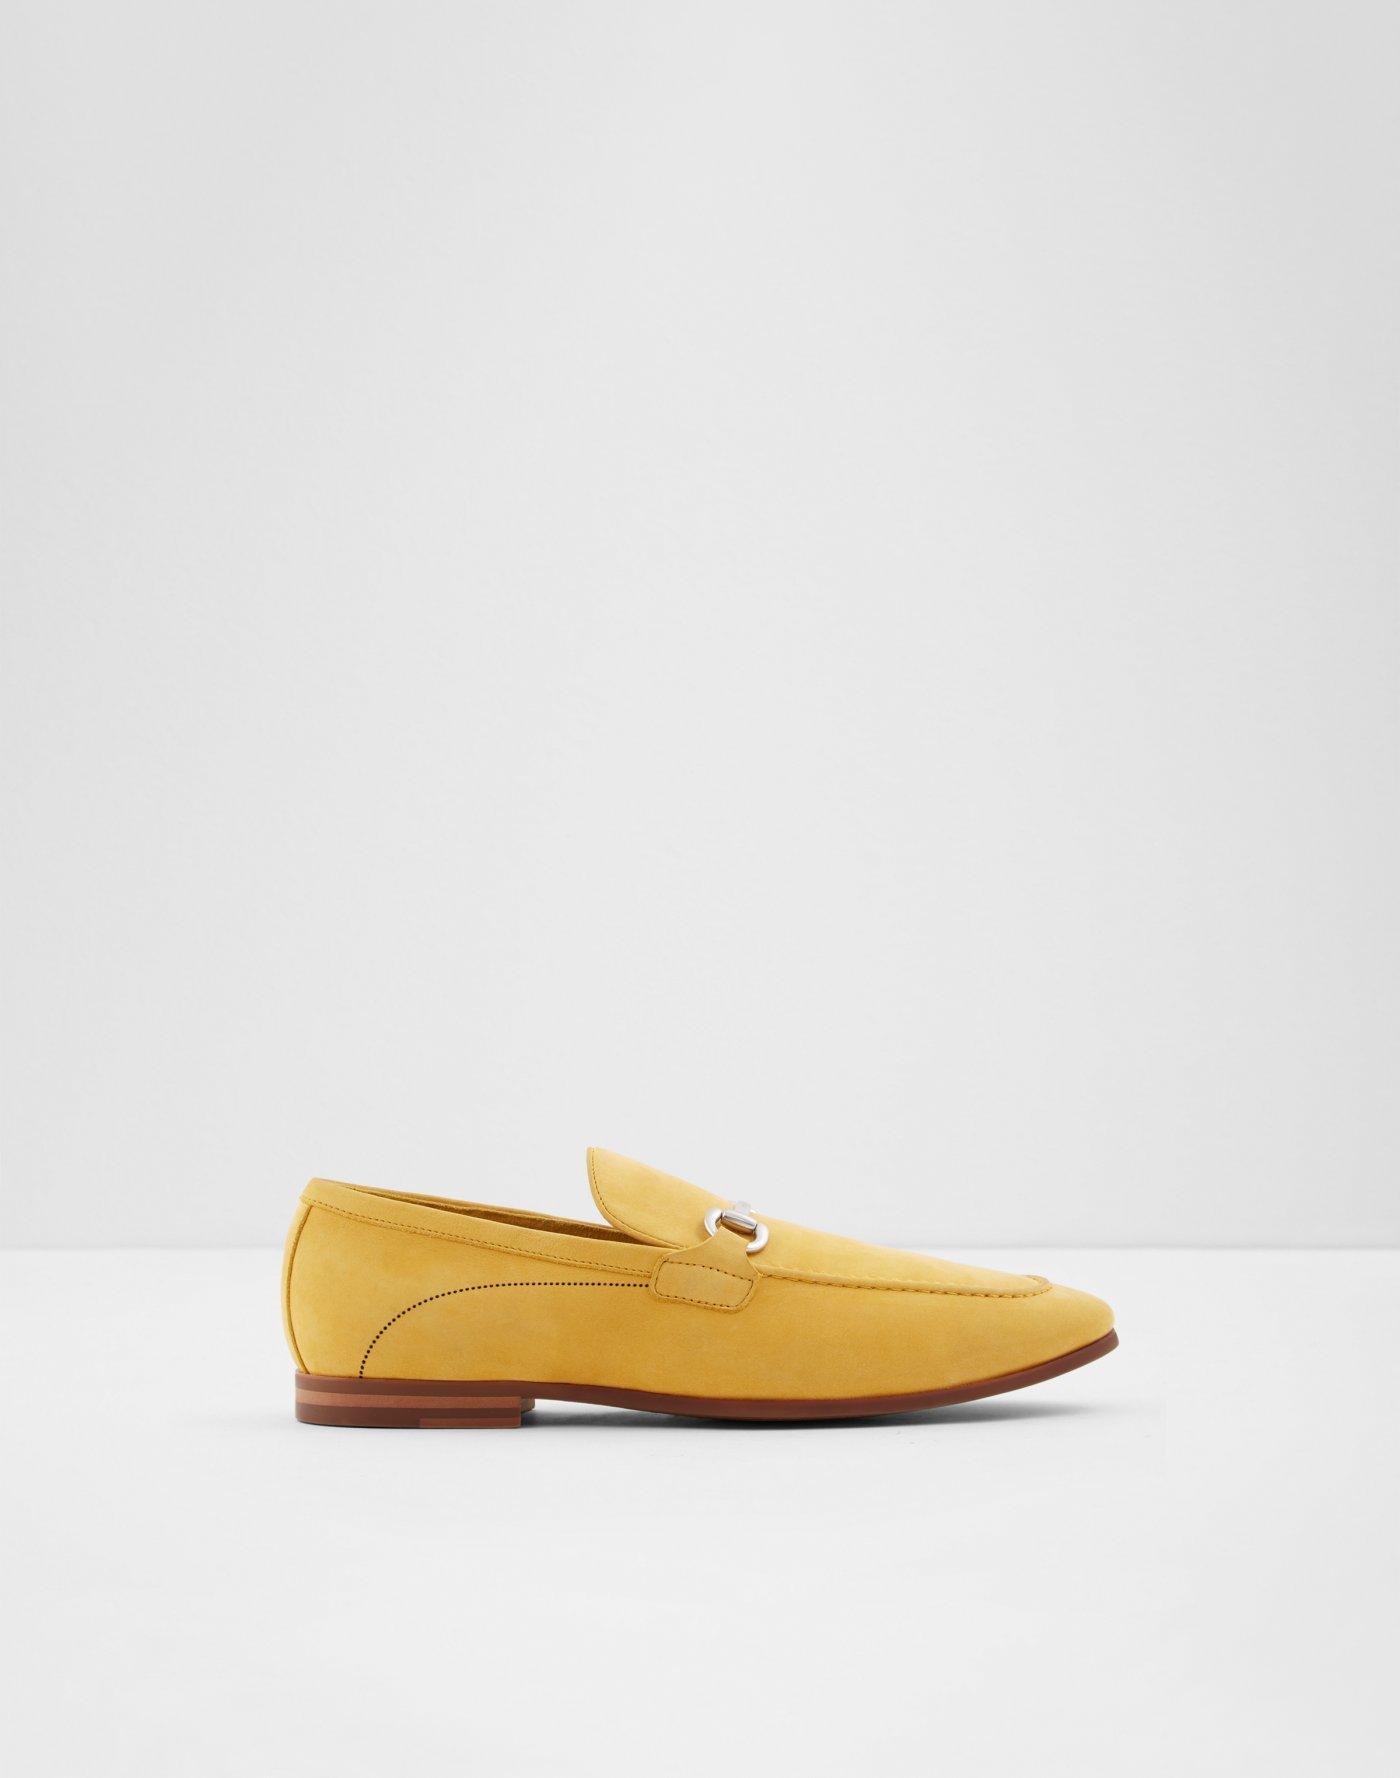 e5917e7a5 Loafers For Men | Men's Casual and Dress Loafers | ALDO US | Aldoshoes.com  US